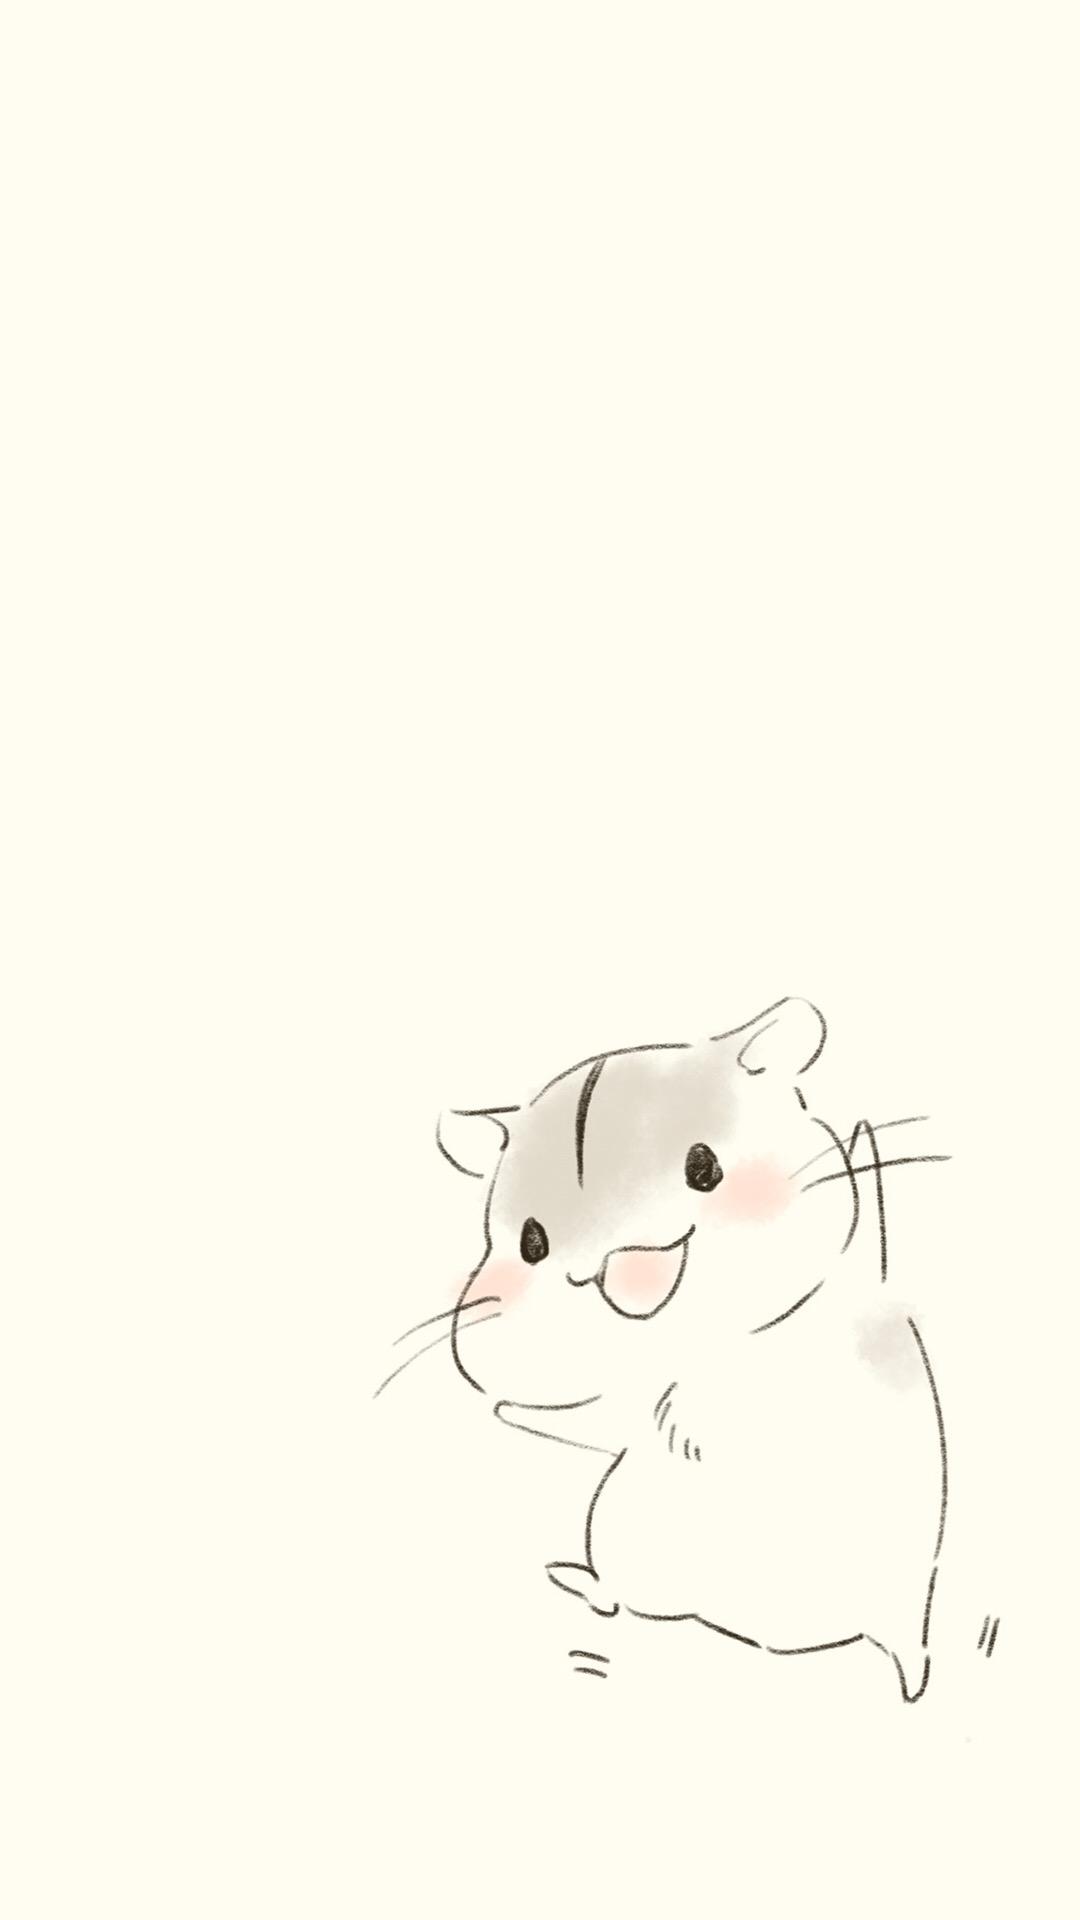 卡通萌鼠简笔画